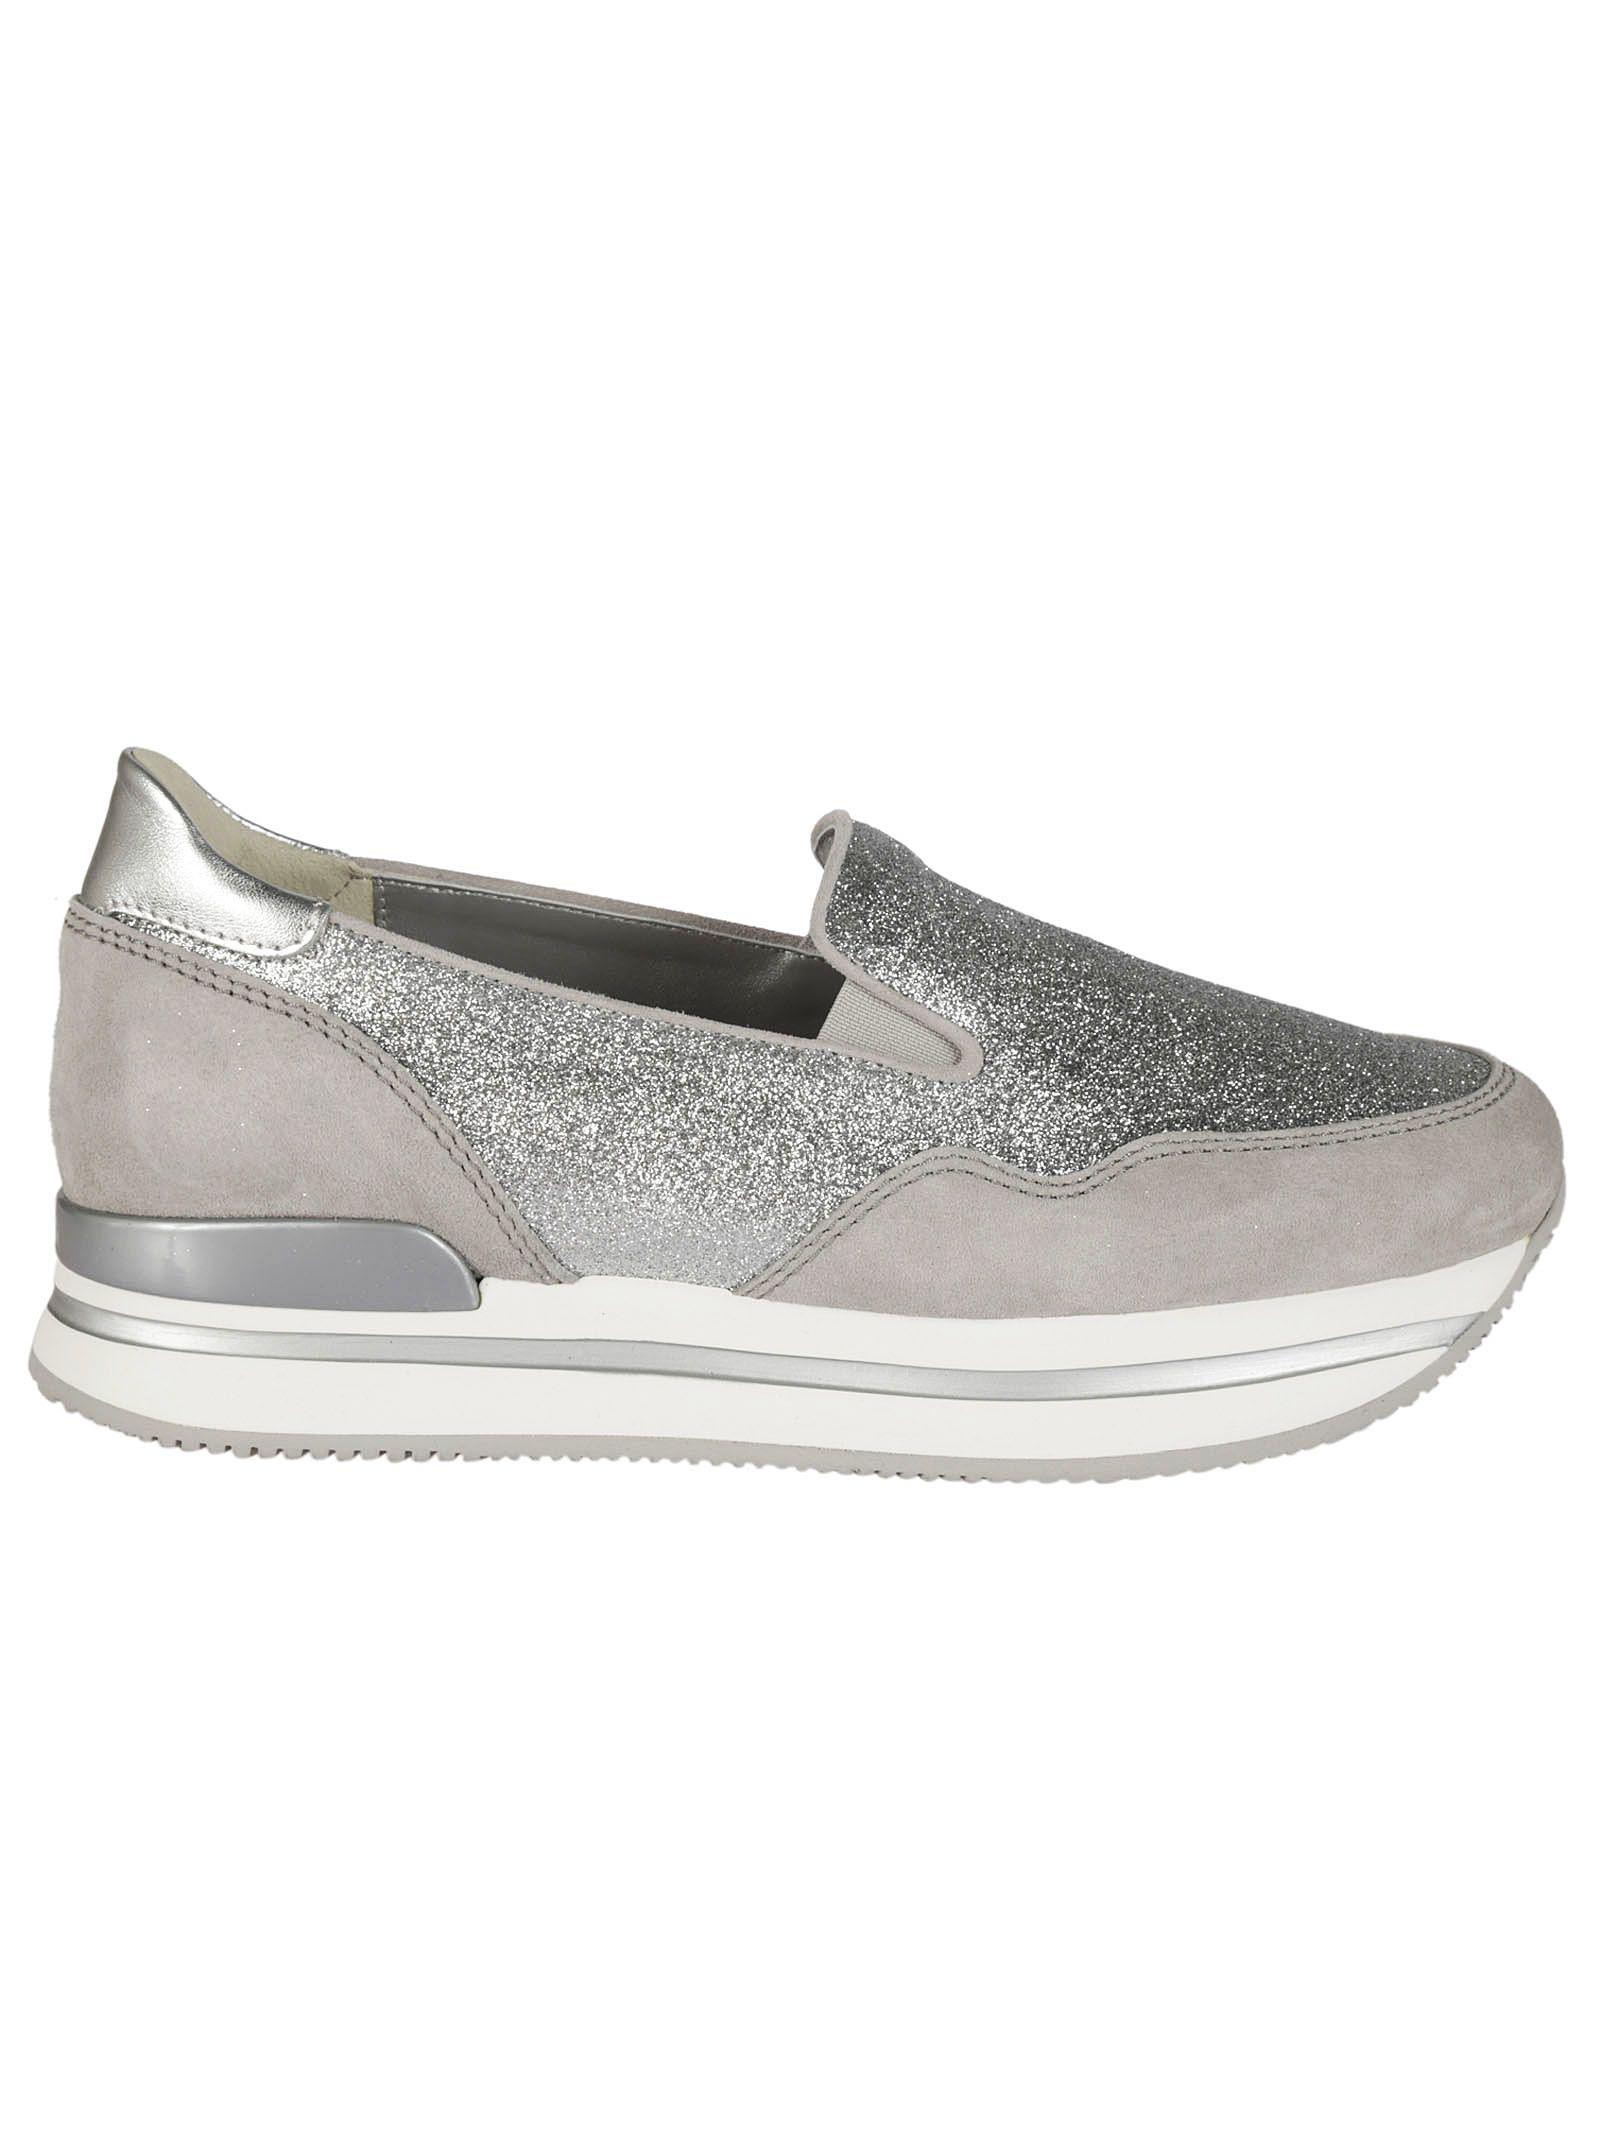 Hogan H222 Slip-On Sneakers